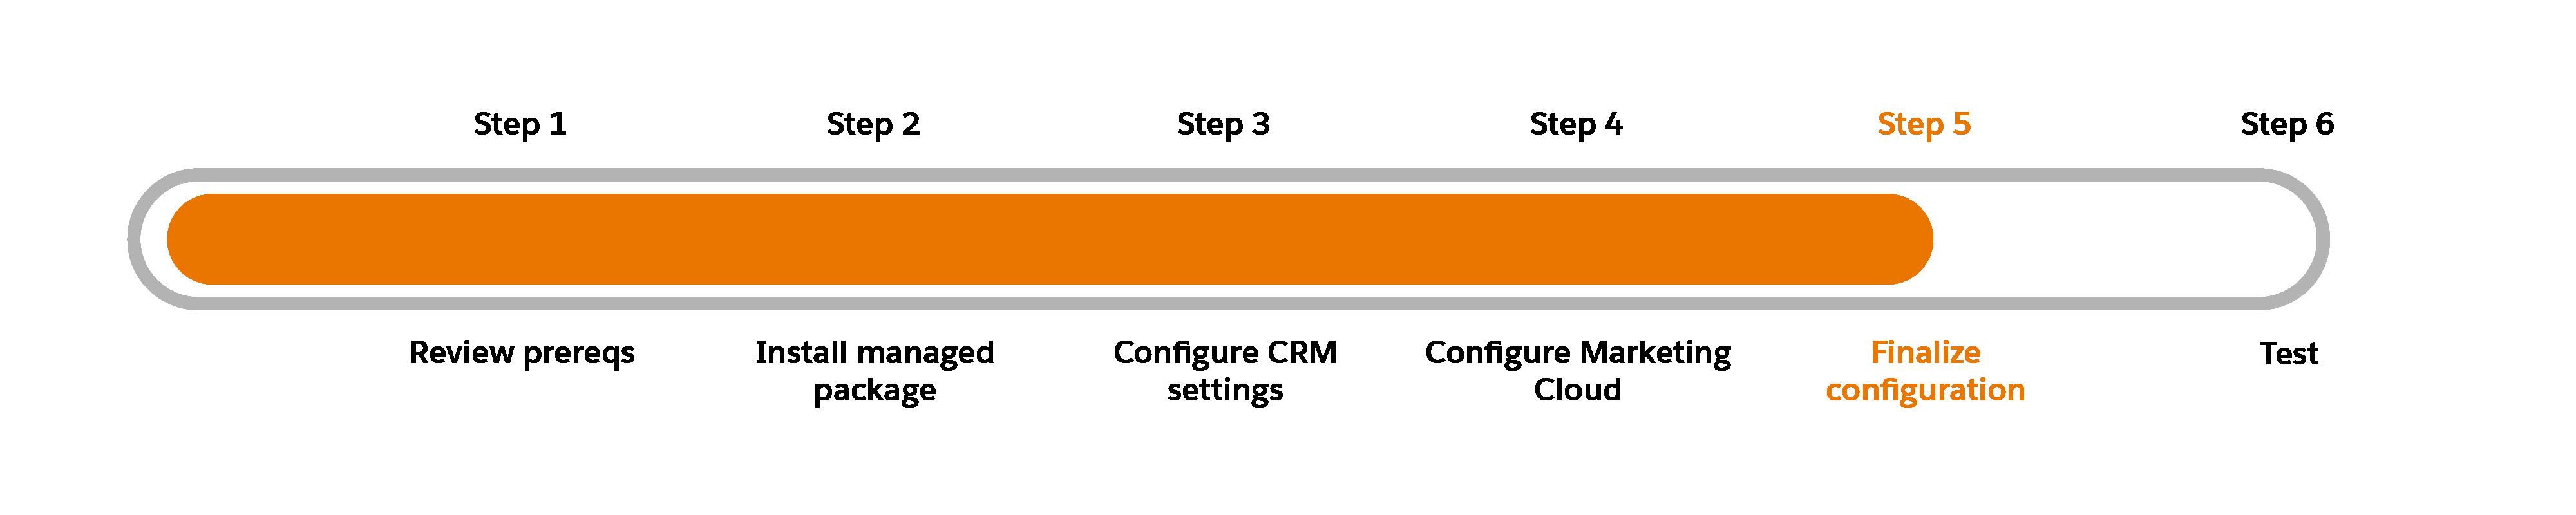 Schéma de progression avec l'étape5, Finalisation de la configuration, en surbrillance.